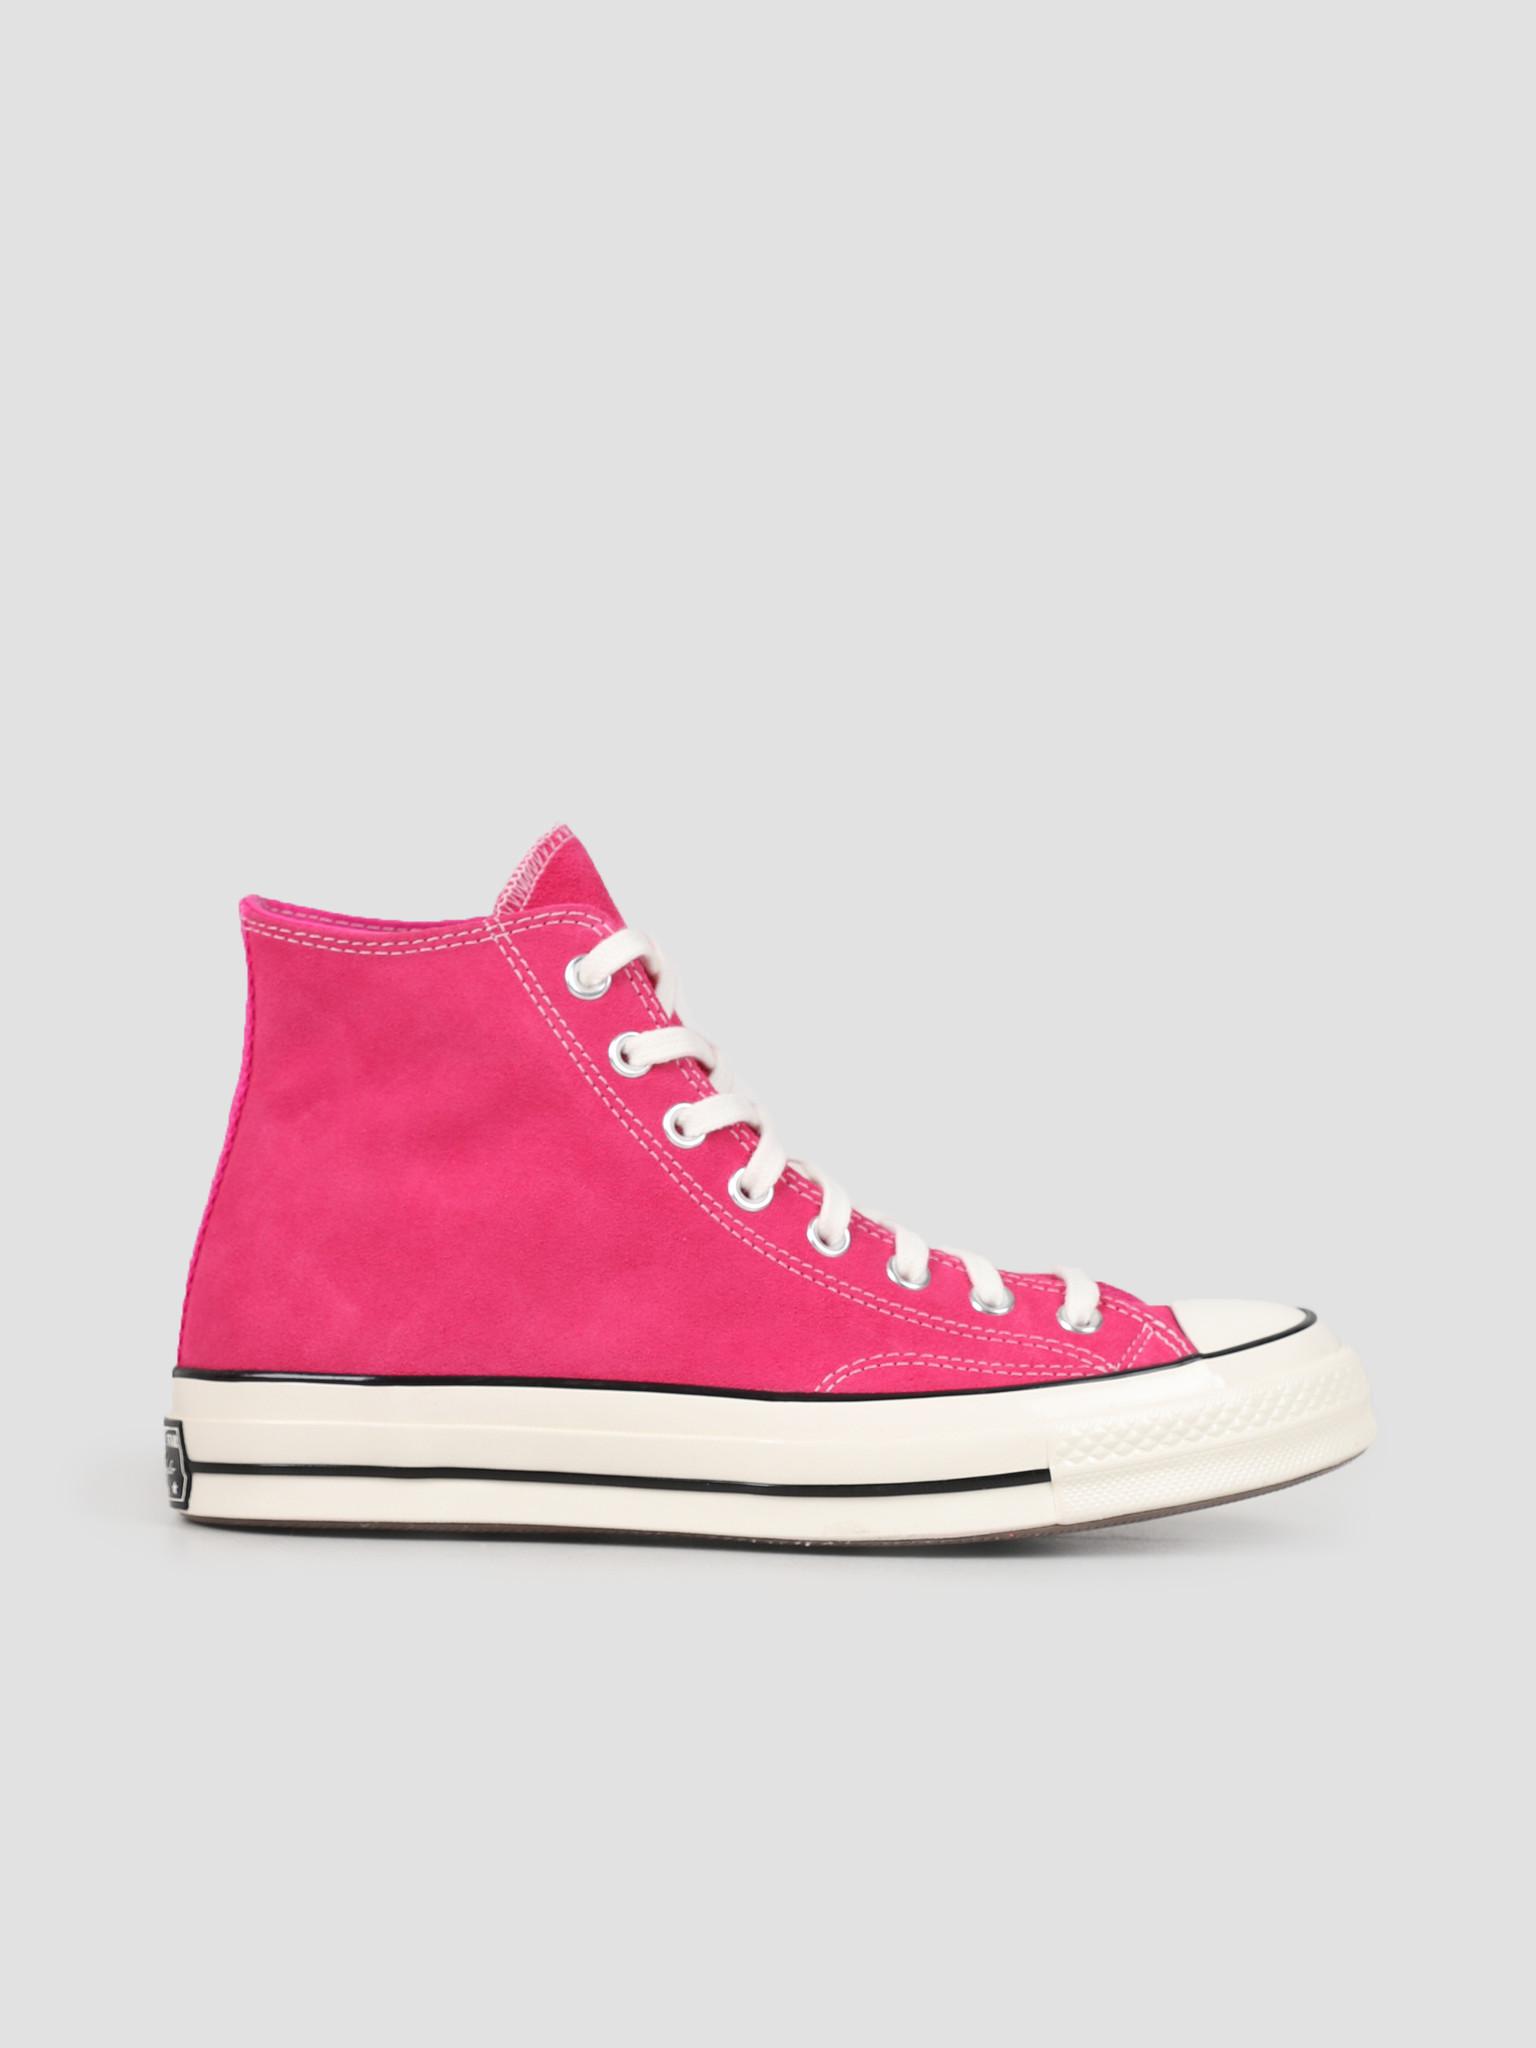 Converse Converse Chuck 70 HI Prime Pink Black Egret 166215C